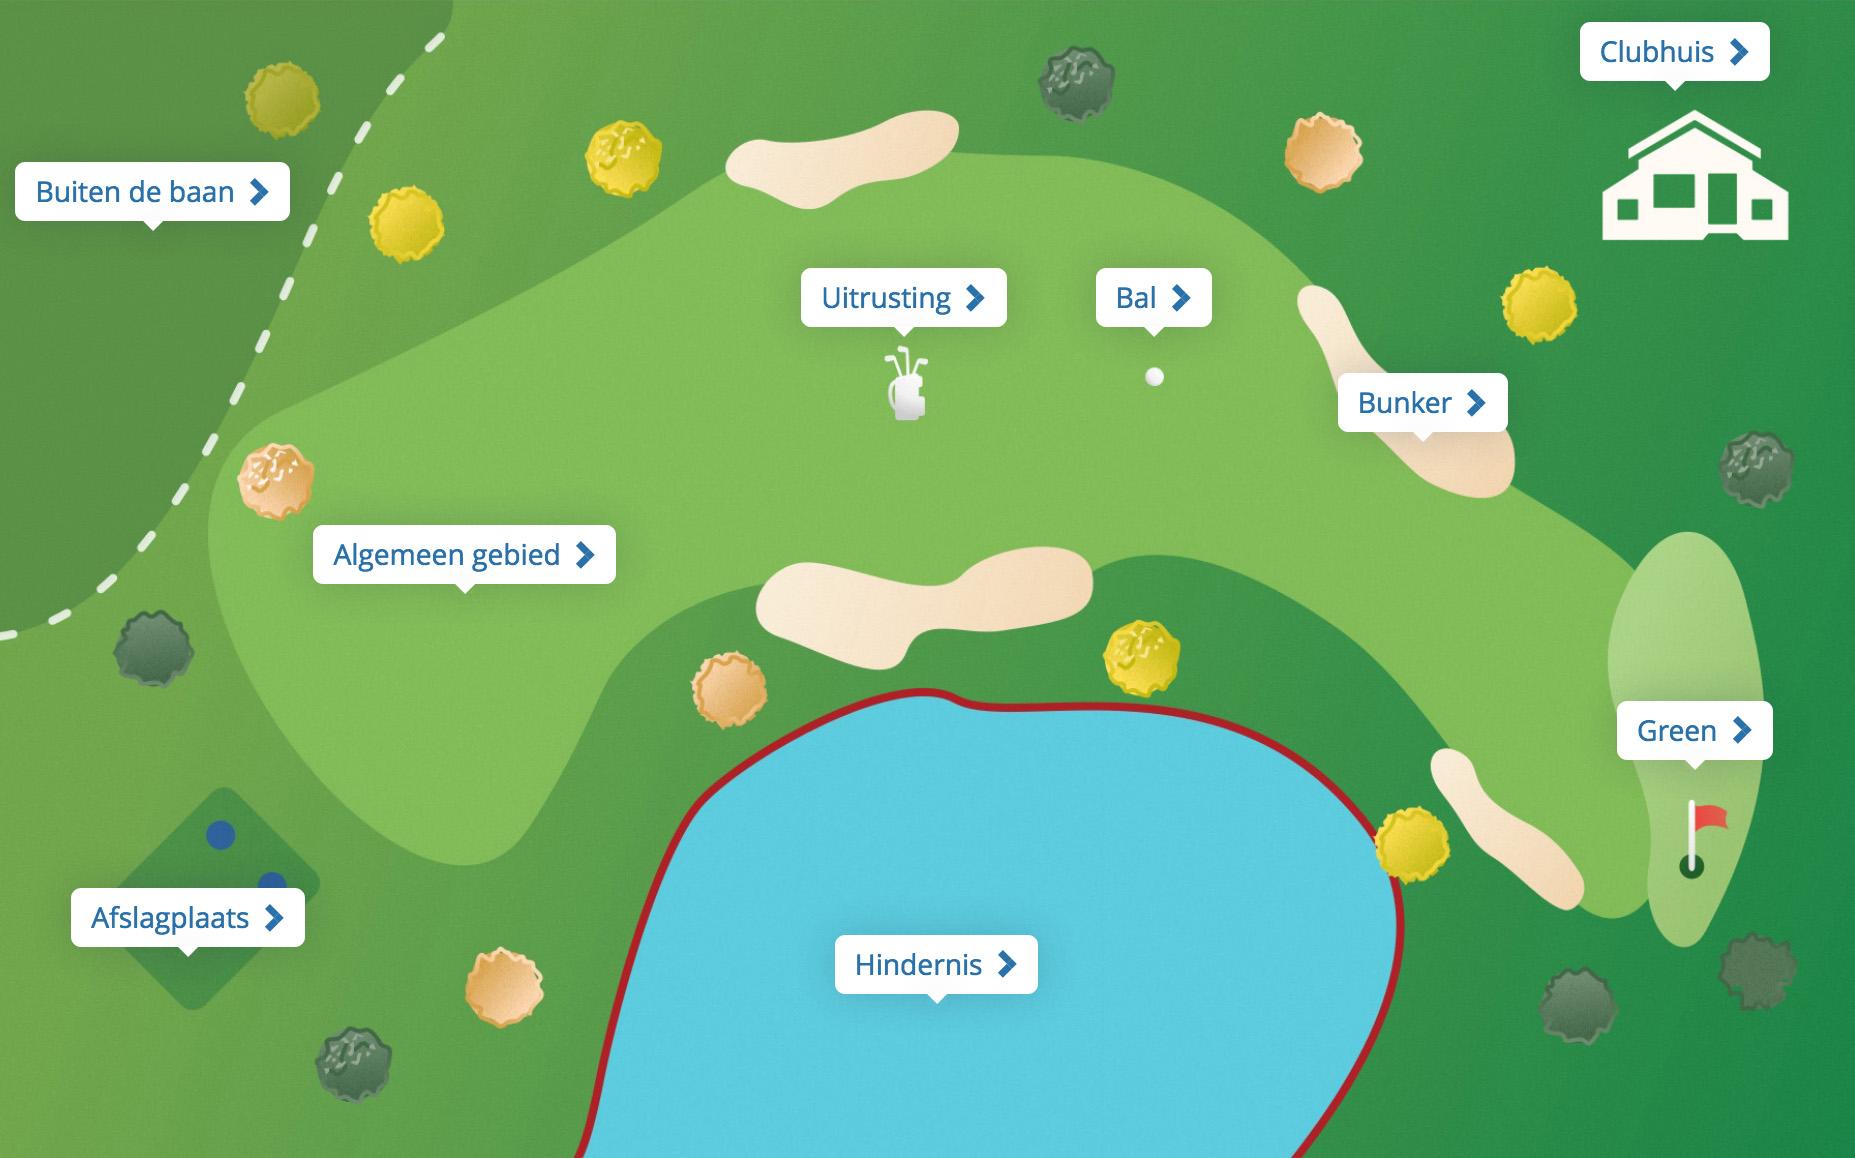 Meest voorkomende spelsituaties in golf